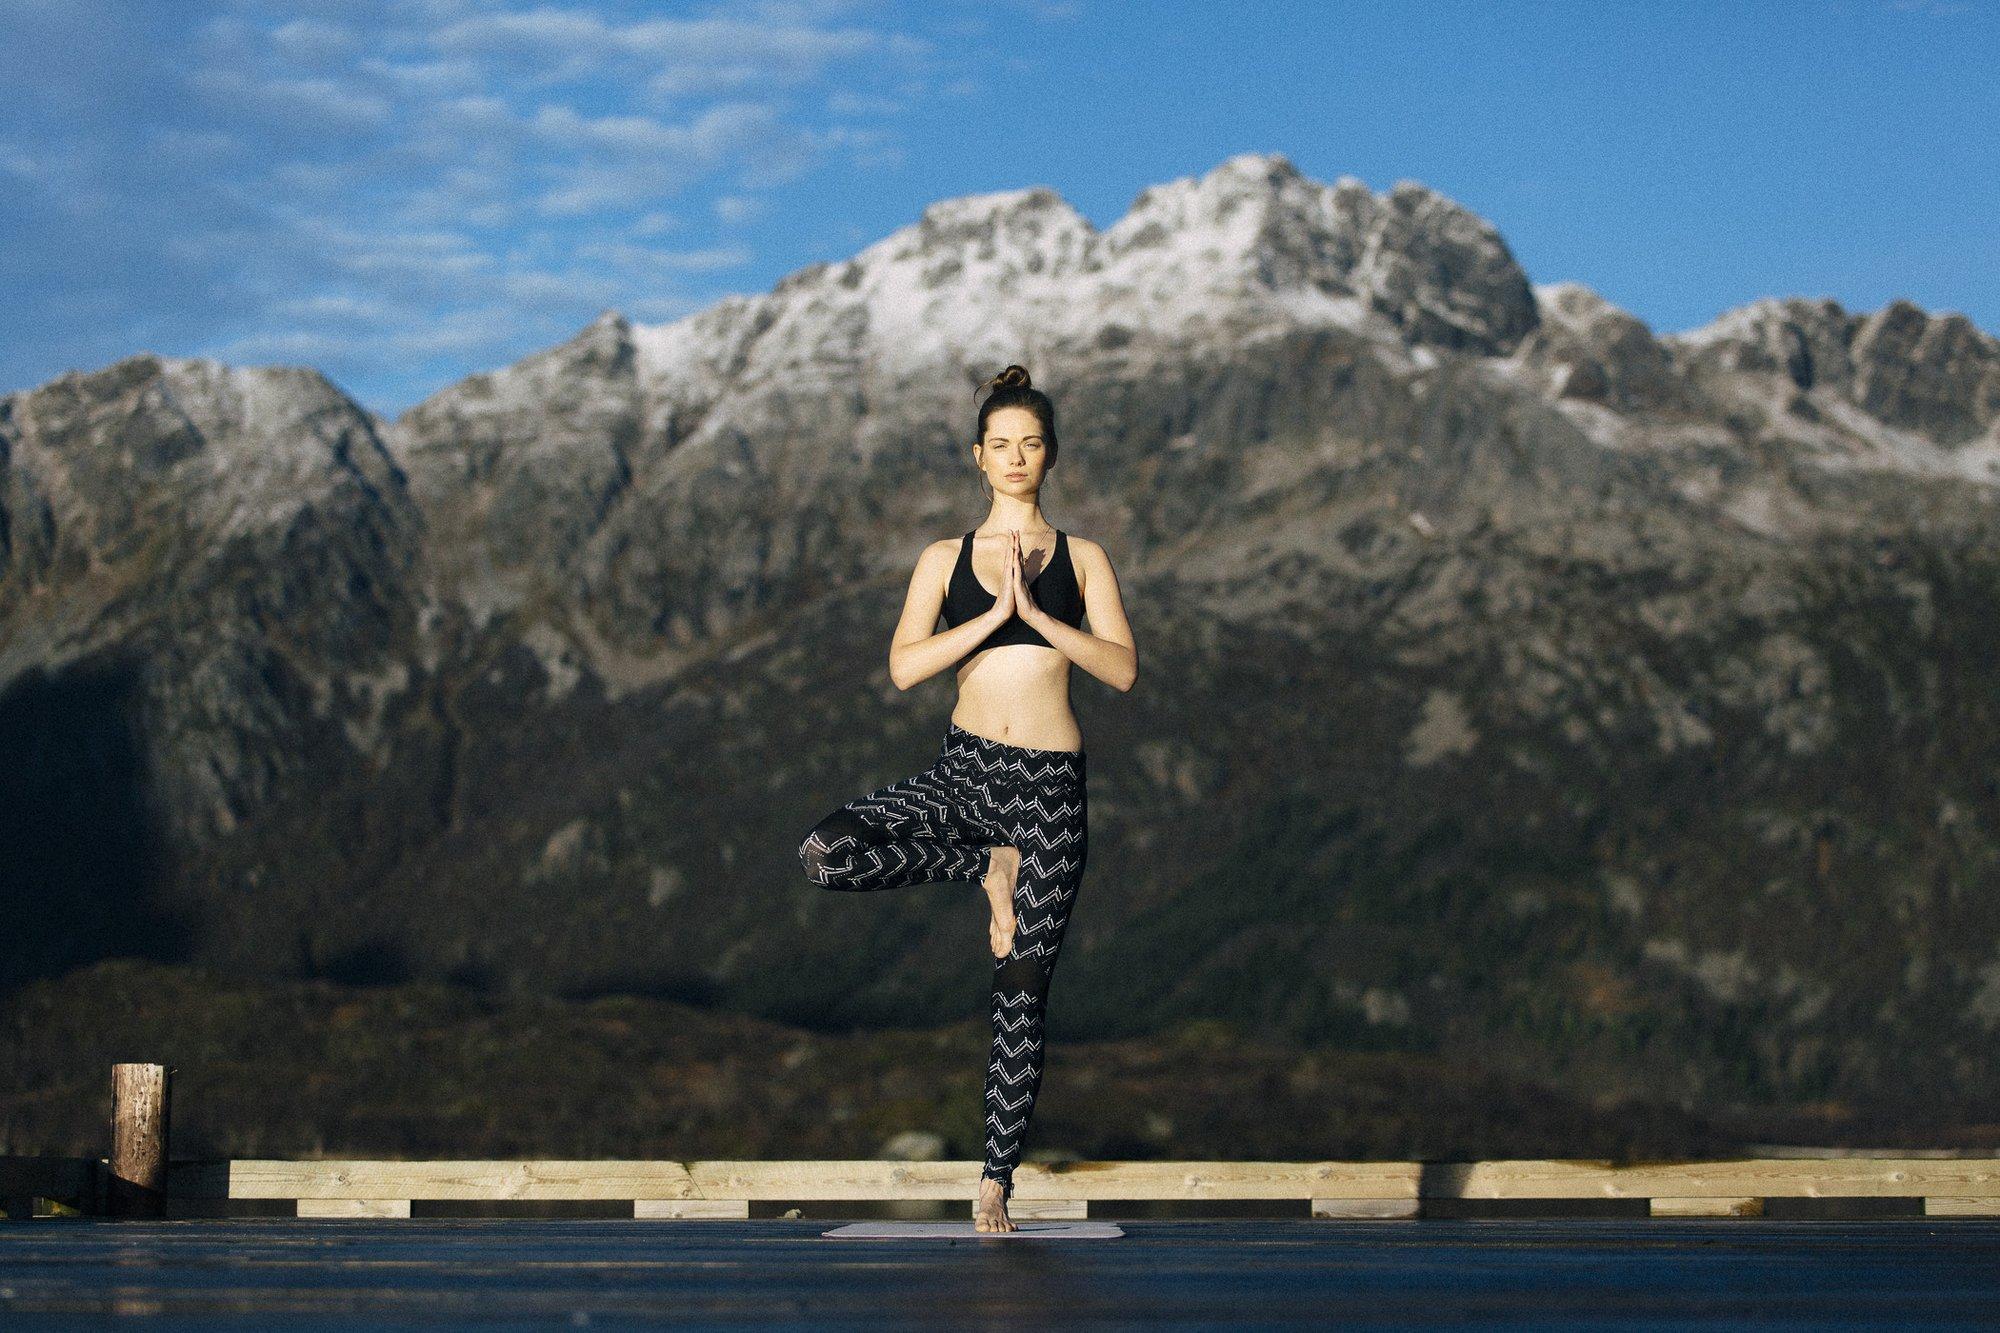 Mit Leggings und Top kannst du nach der Yogasession sofort ins Wasser ohne dich umzuziehen!